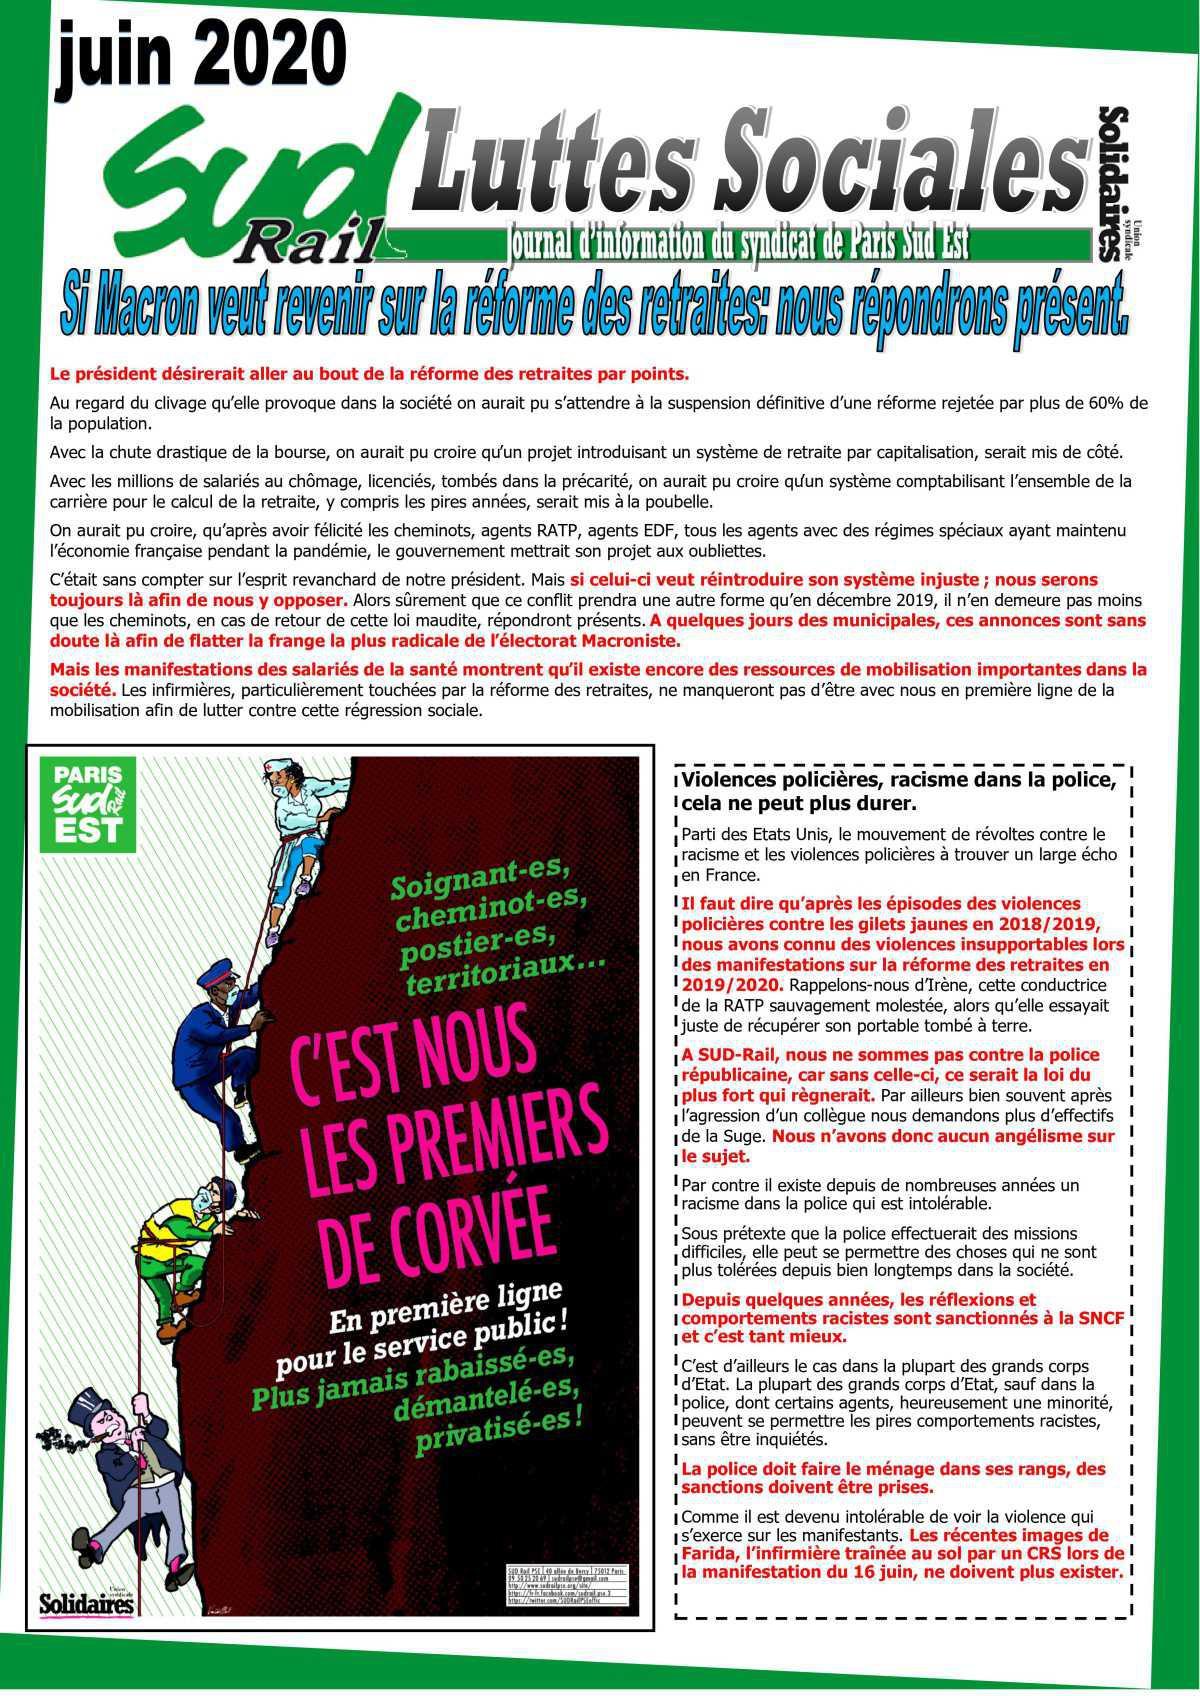 Luttes Sociales (Juin 2020)